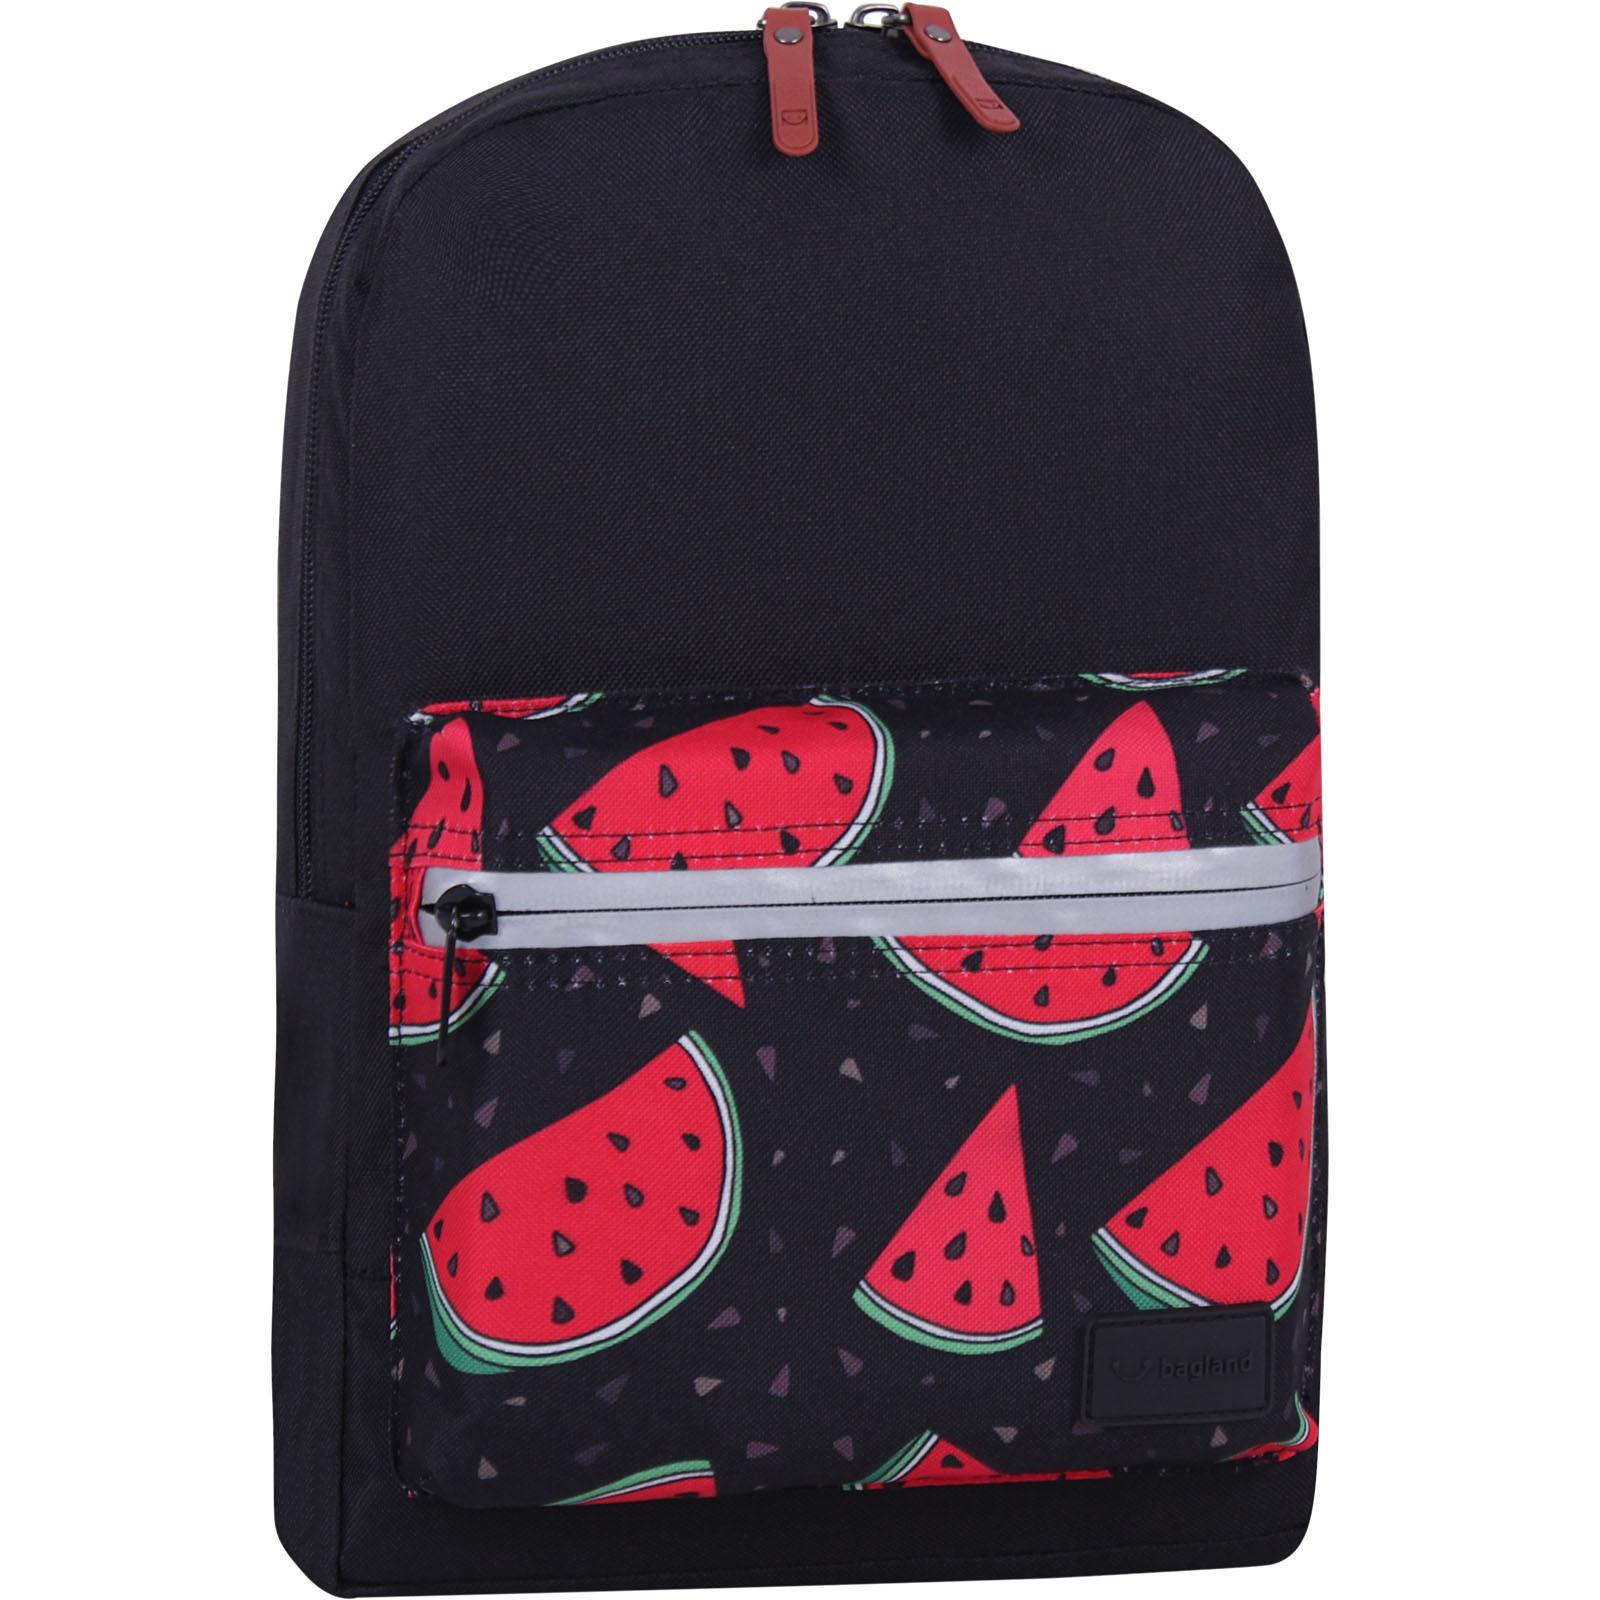 Детские рюкзаки Рюкзак Bagland Молодежный mini 8 л. черный 768 (0050866) IMG_7724_суб768_-1600.jpg